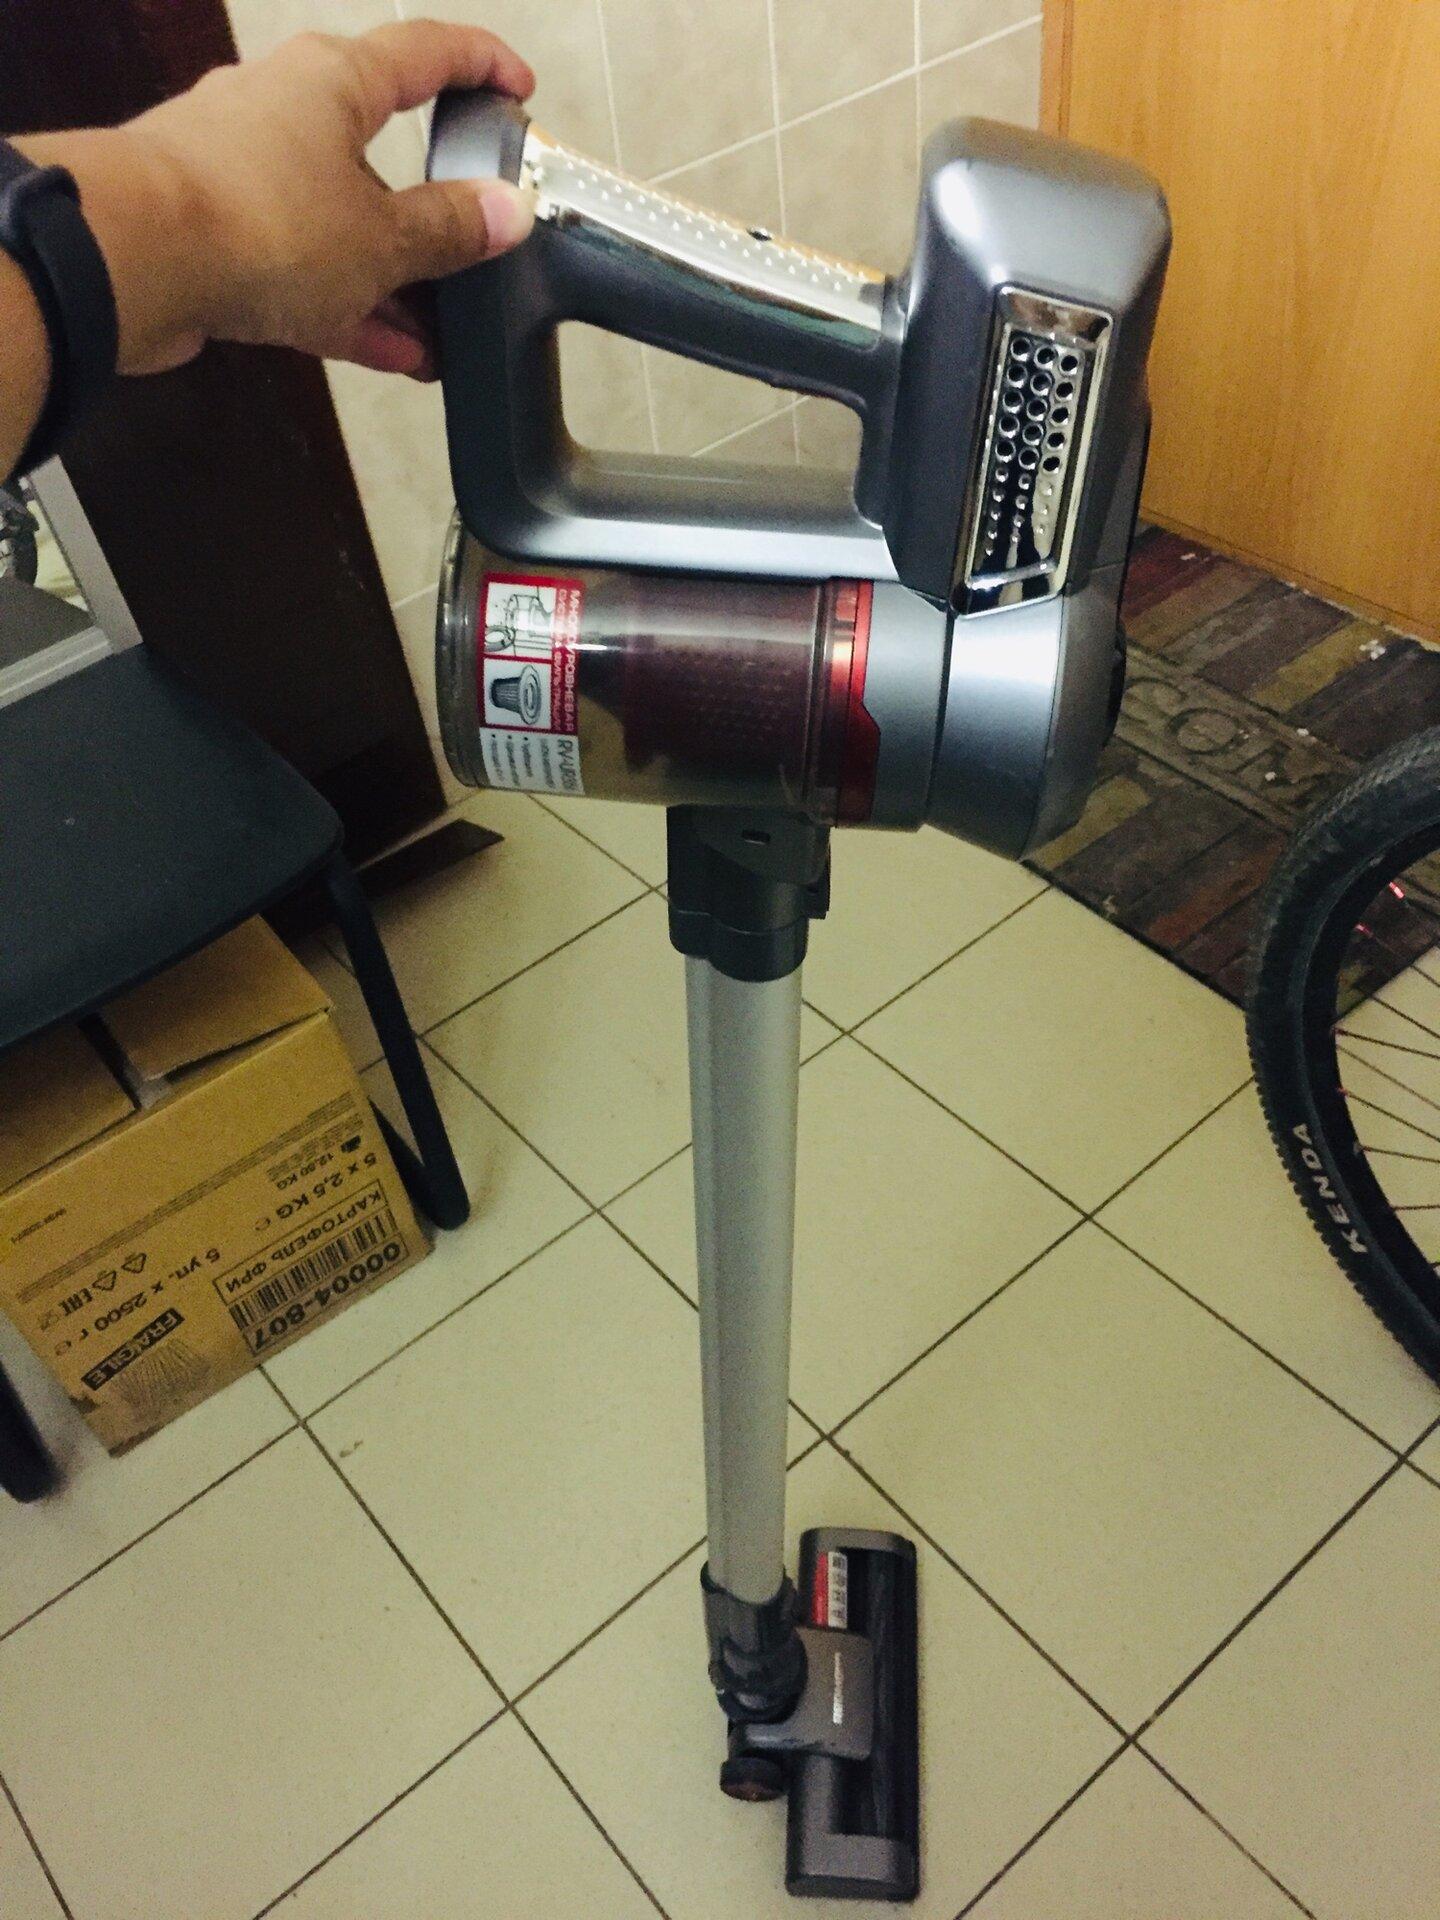 Как почистить аккумуляторный пылесос дайсон купить щетку для пылесоса дайсон в ростове